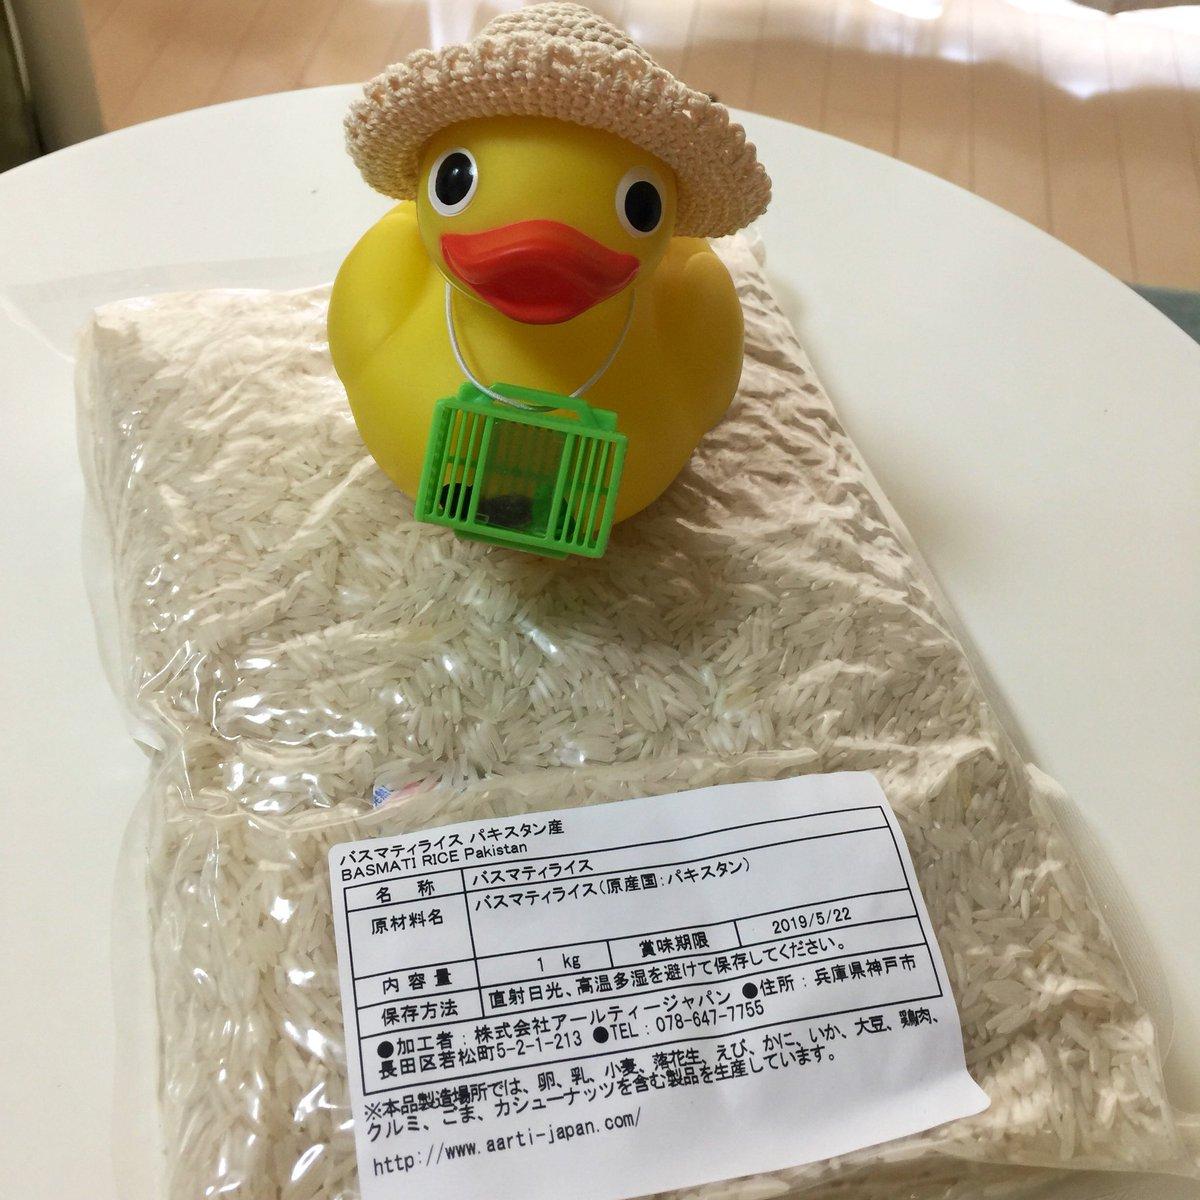 バスマティ米を買ってきました。ビリヤニの作り方を研究してみます